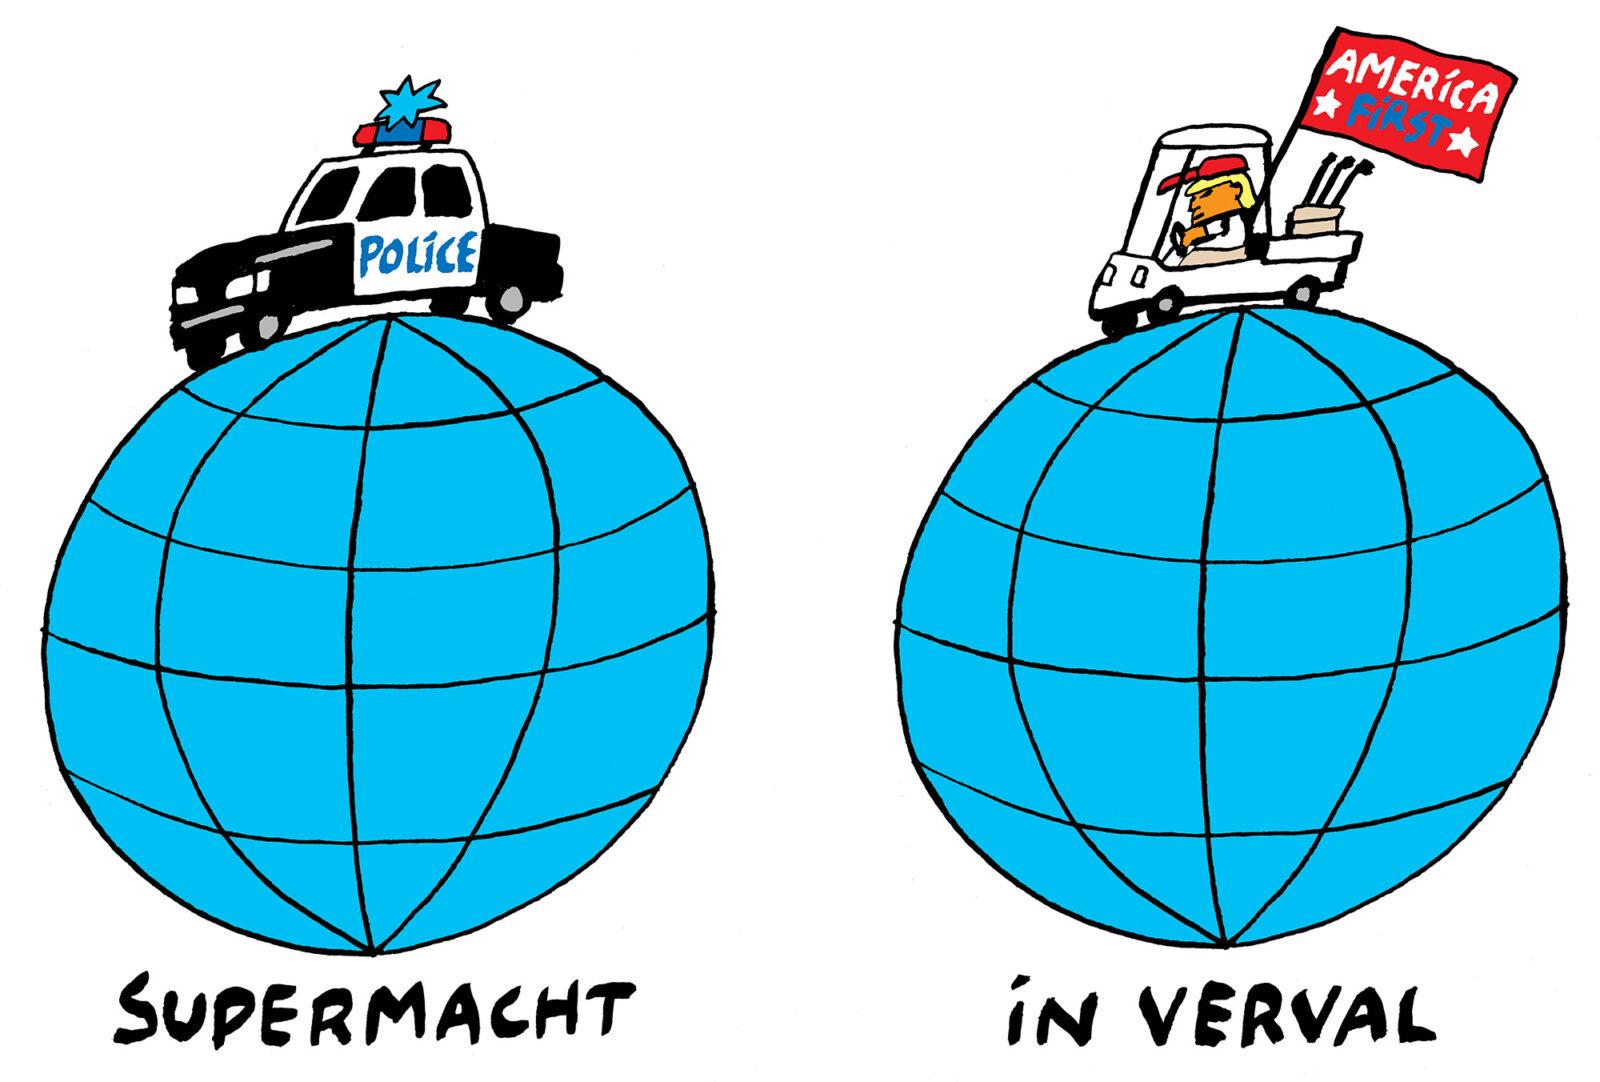 kwestie politieman USA supermacht in verval NL 2000 – Bas van der Schot